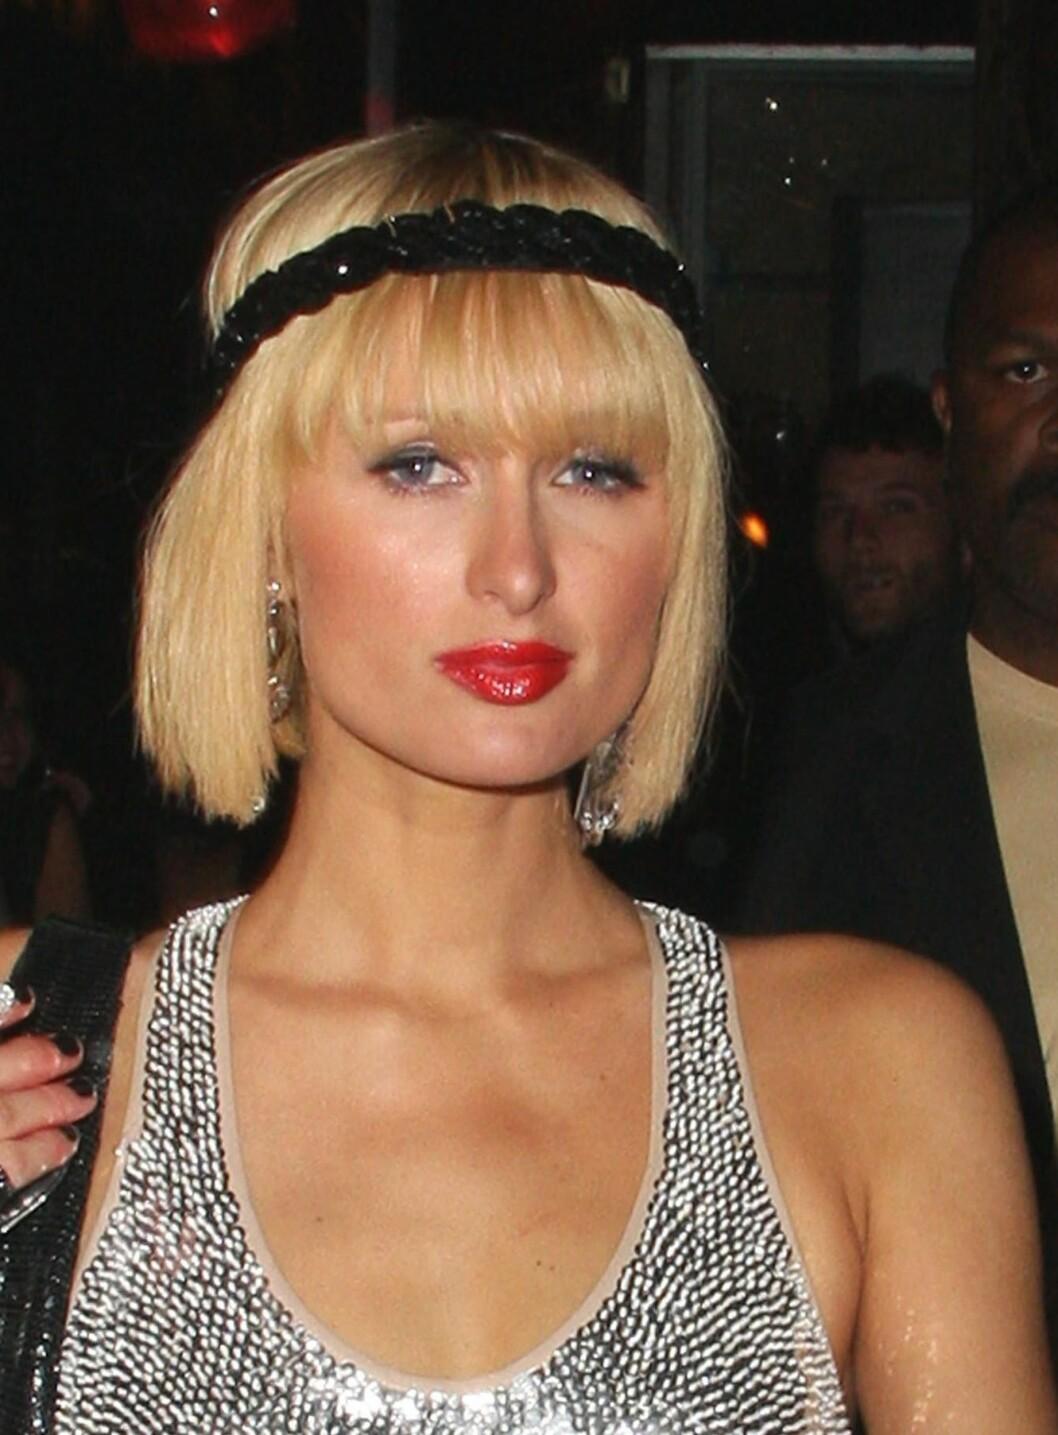 Også hotellarving og sosietespike Paris Hilton har fikset på leppene sine. Her har hun også malt truten rød, for å framheve fyldigheten litt ekstra.  Foto: All Over Press